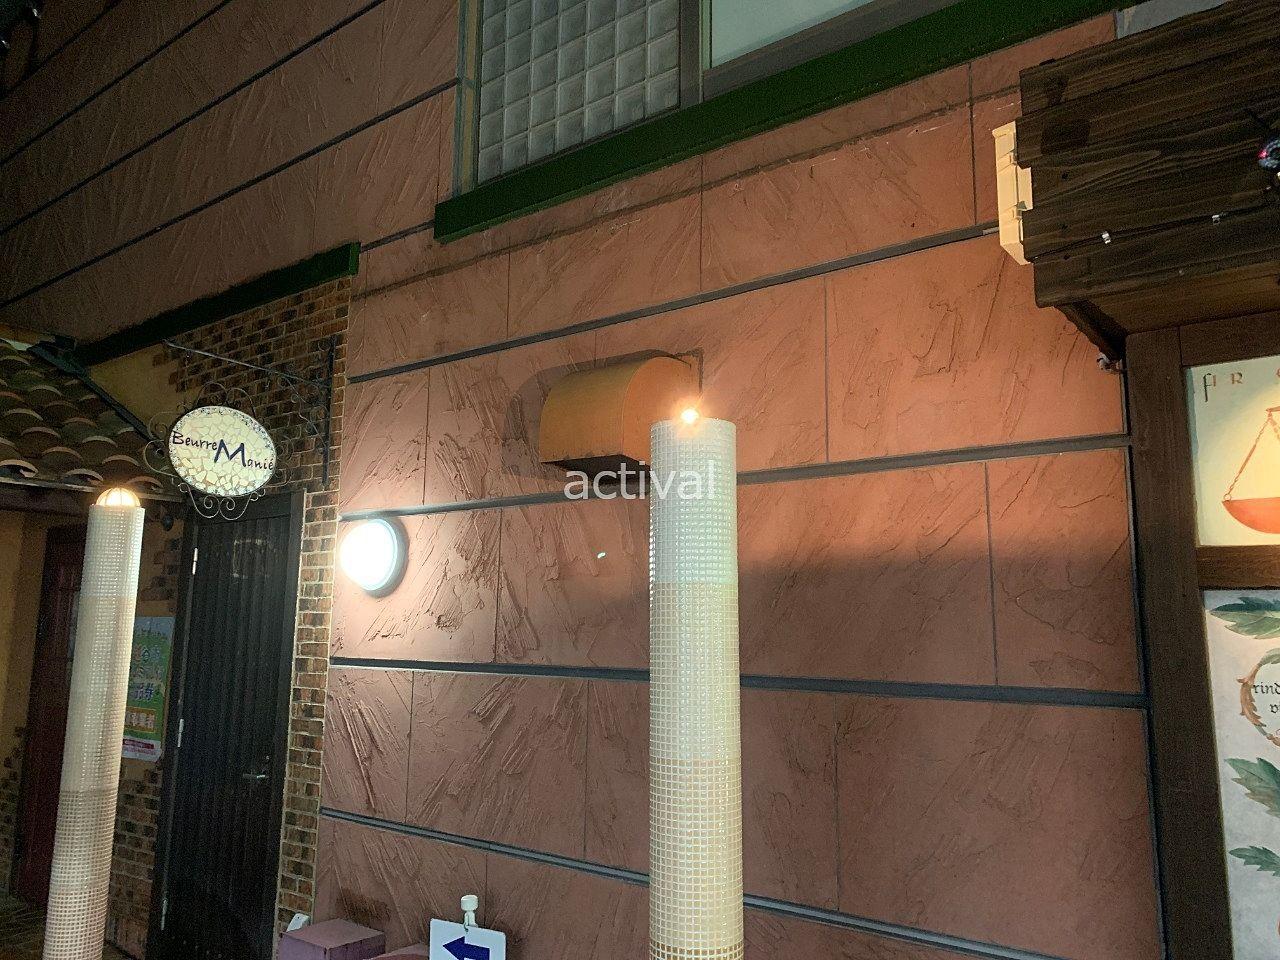 ア・ス・ヴェルデⅡの街灯の電球を交換です。